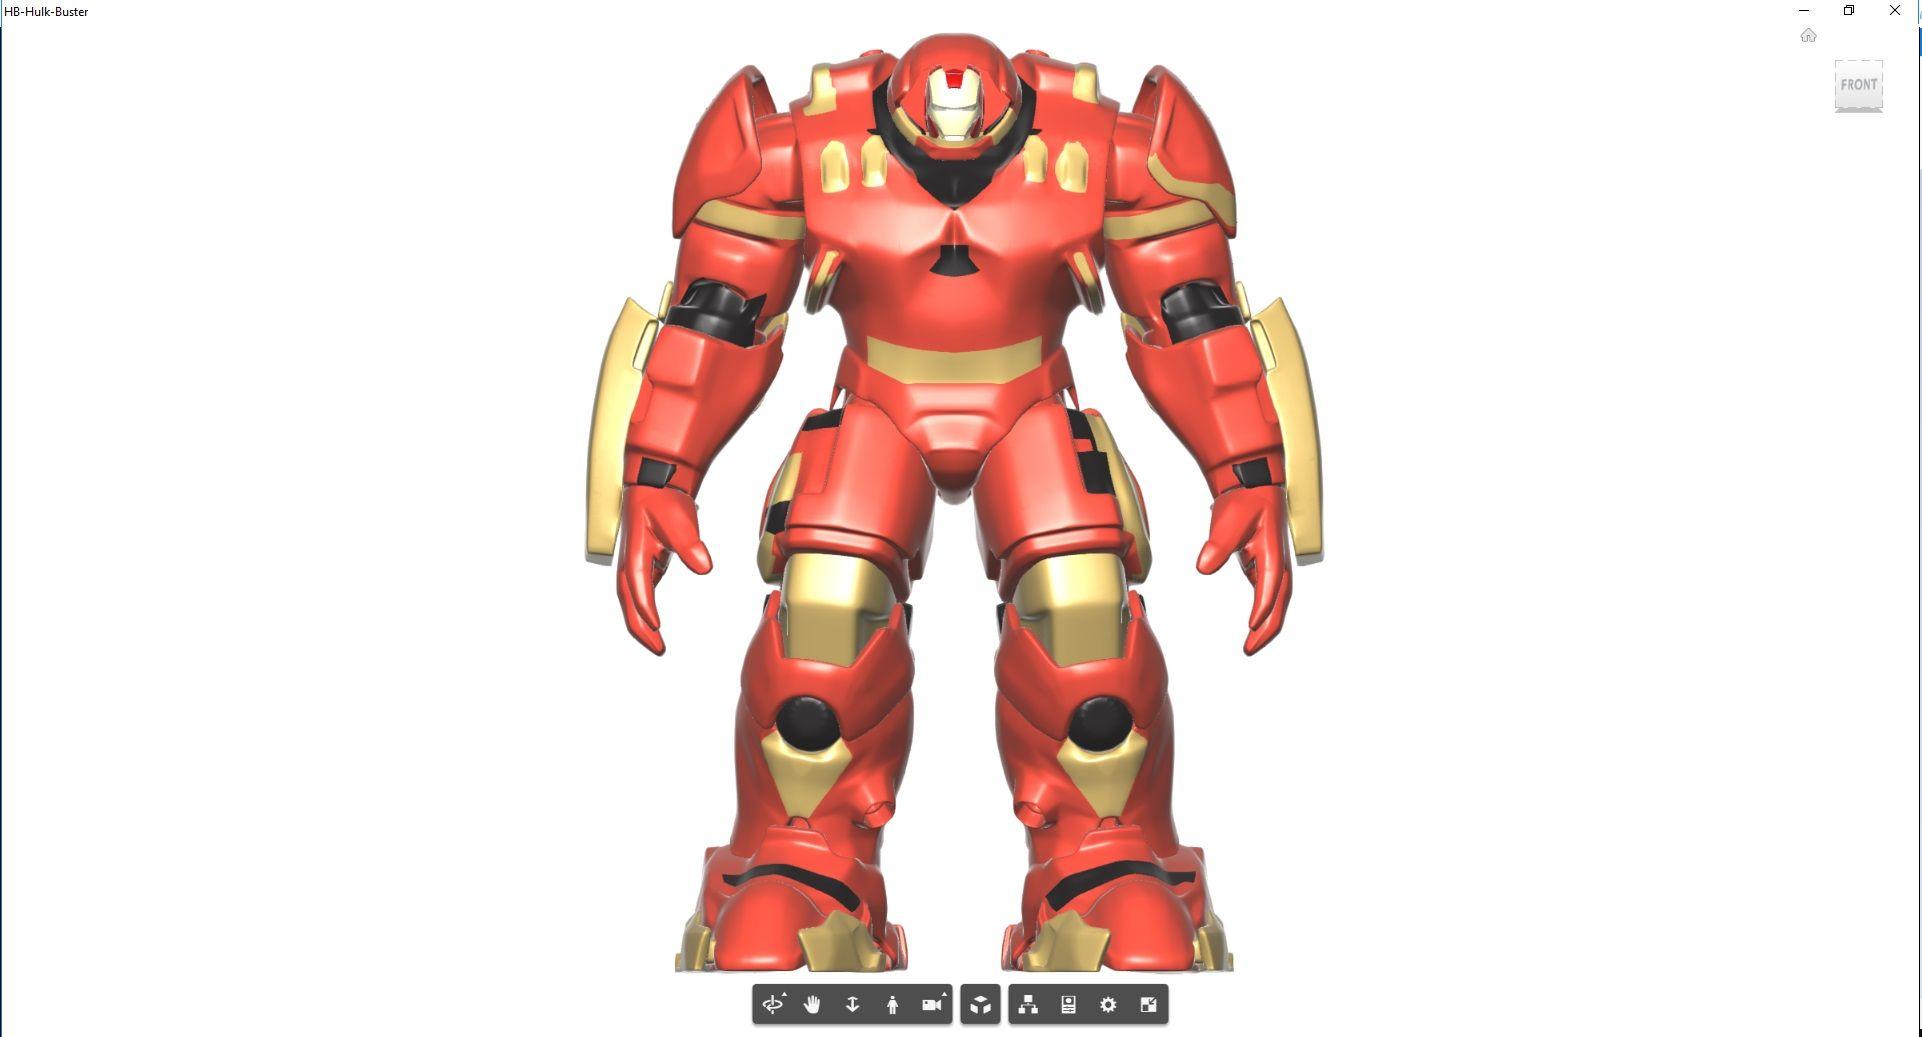 Hulk-7-3500-3500